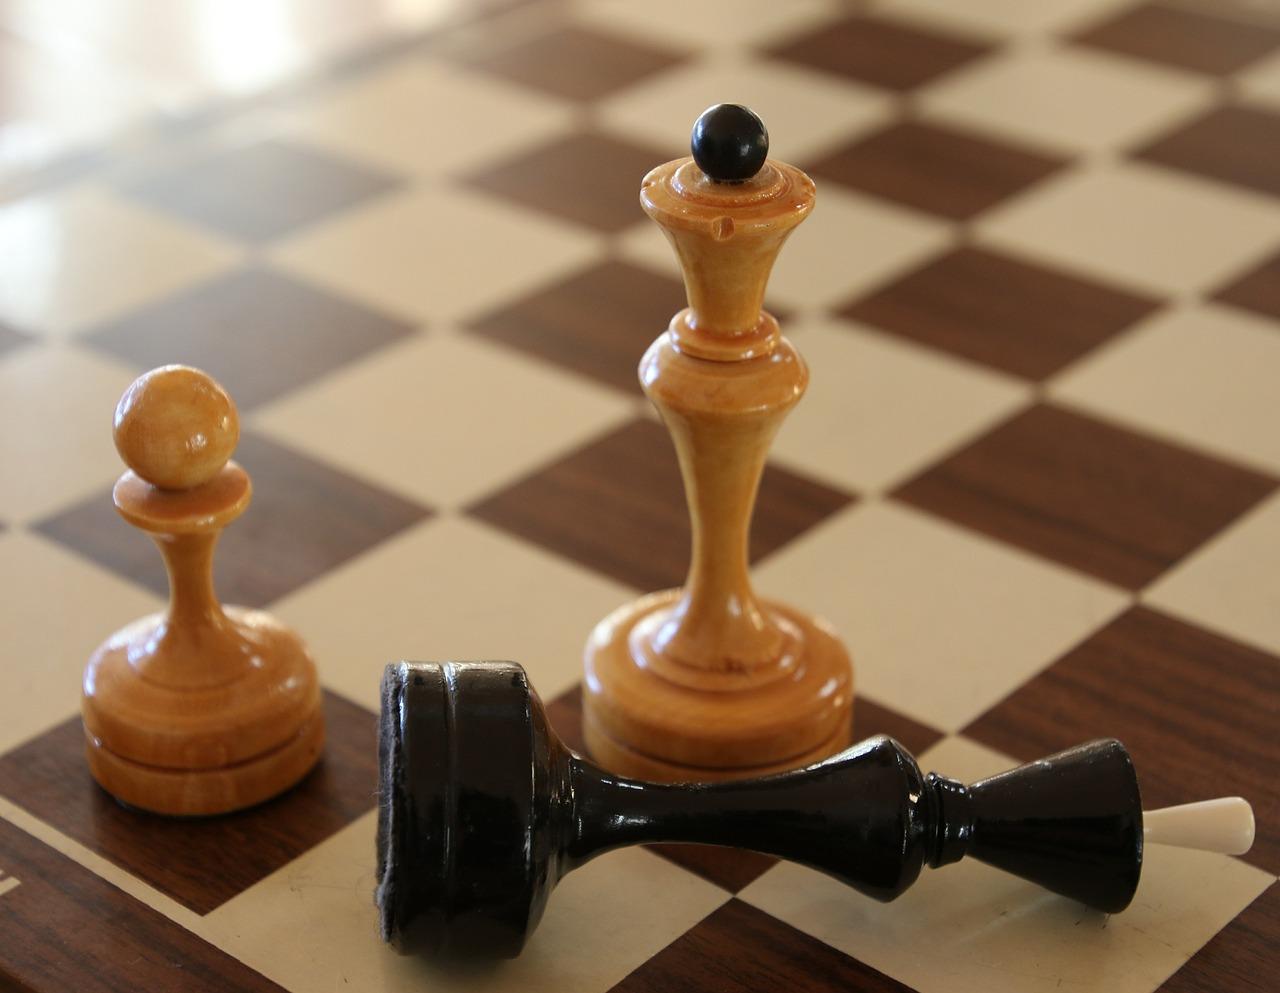 эти победа в шахматах картинки были времена, когда